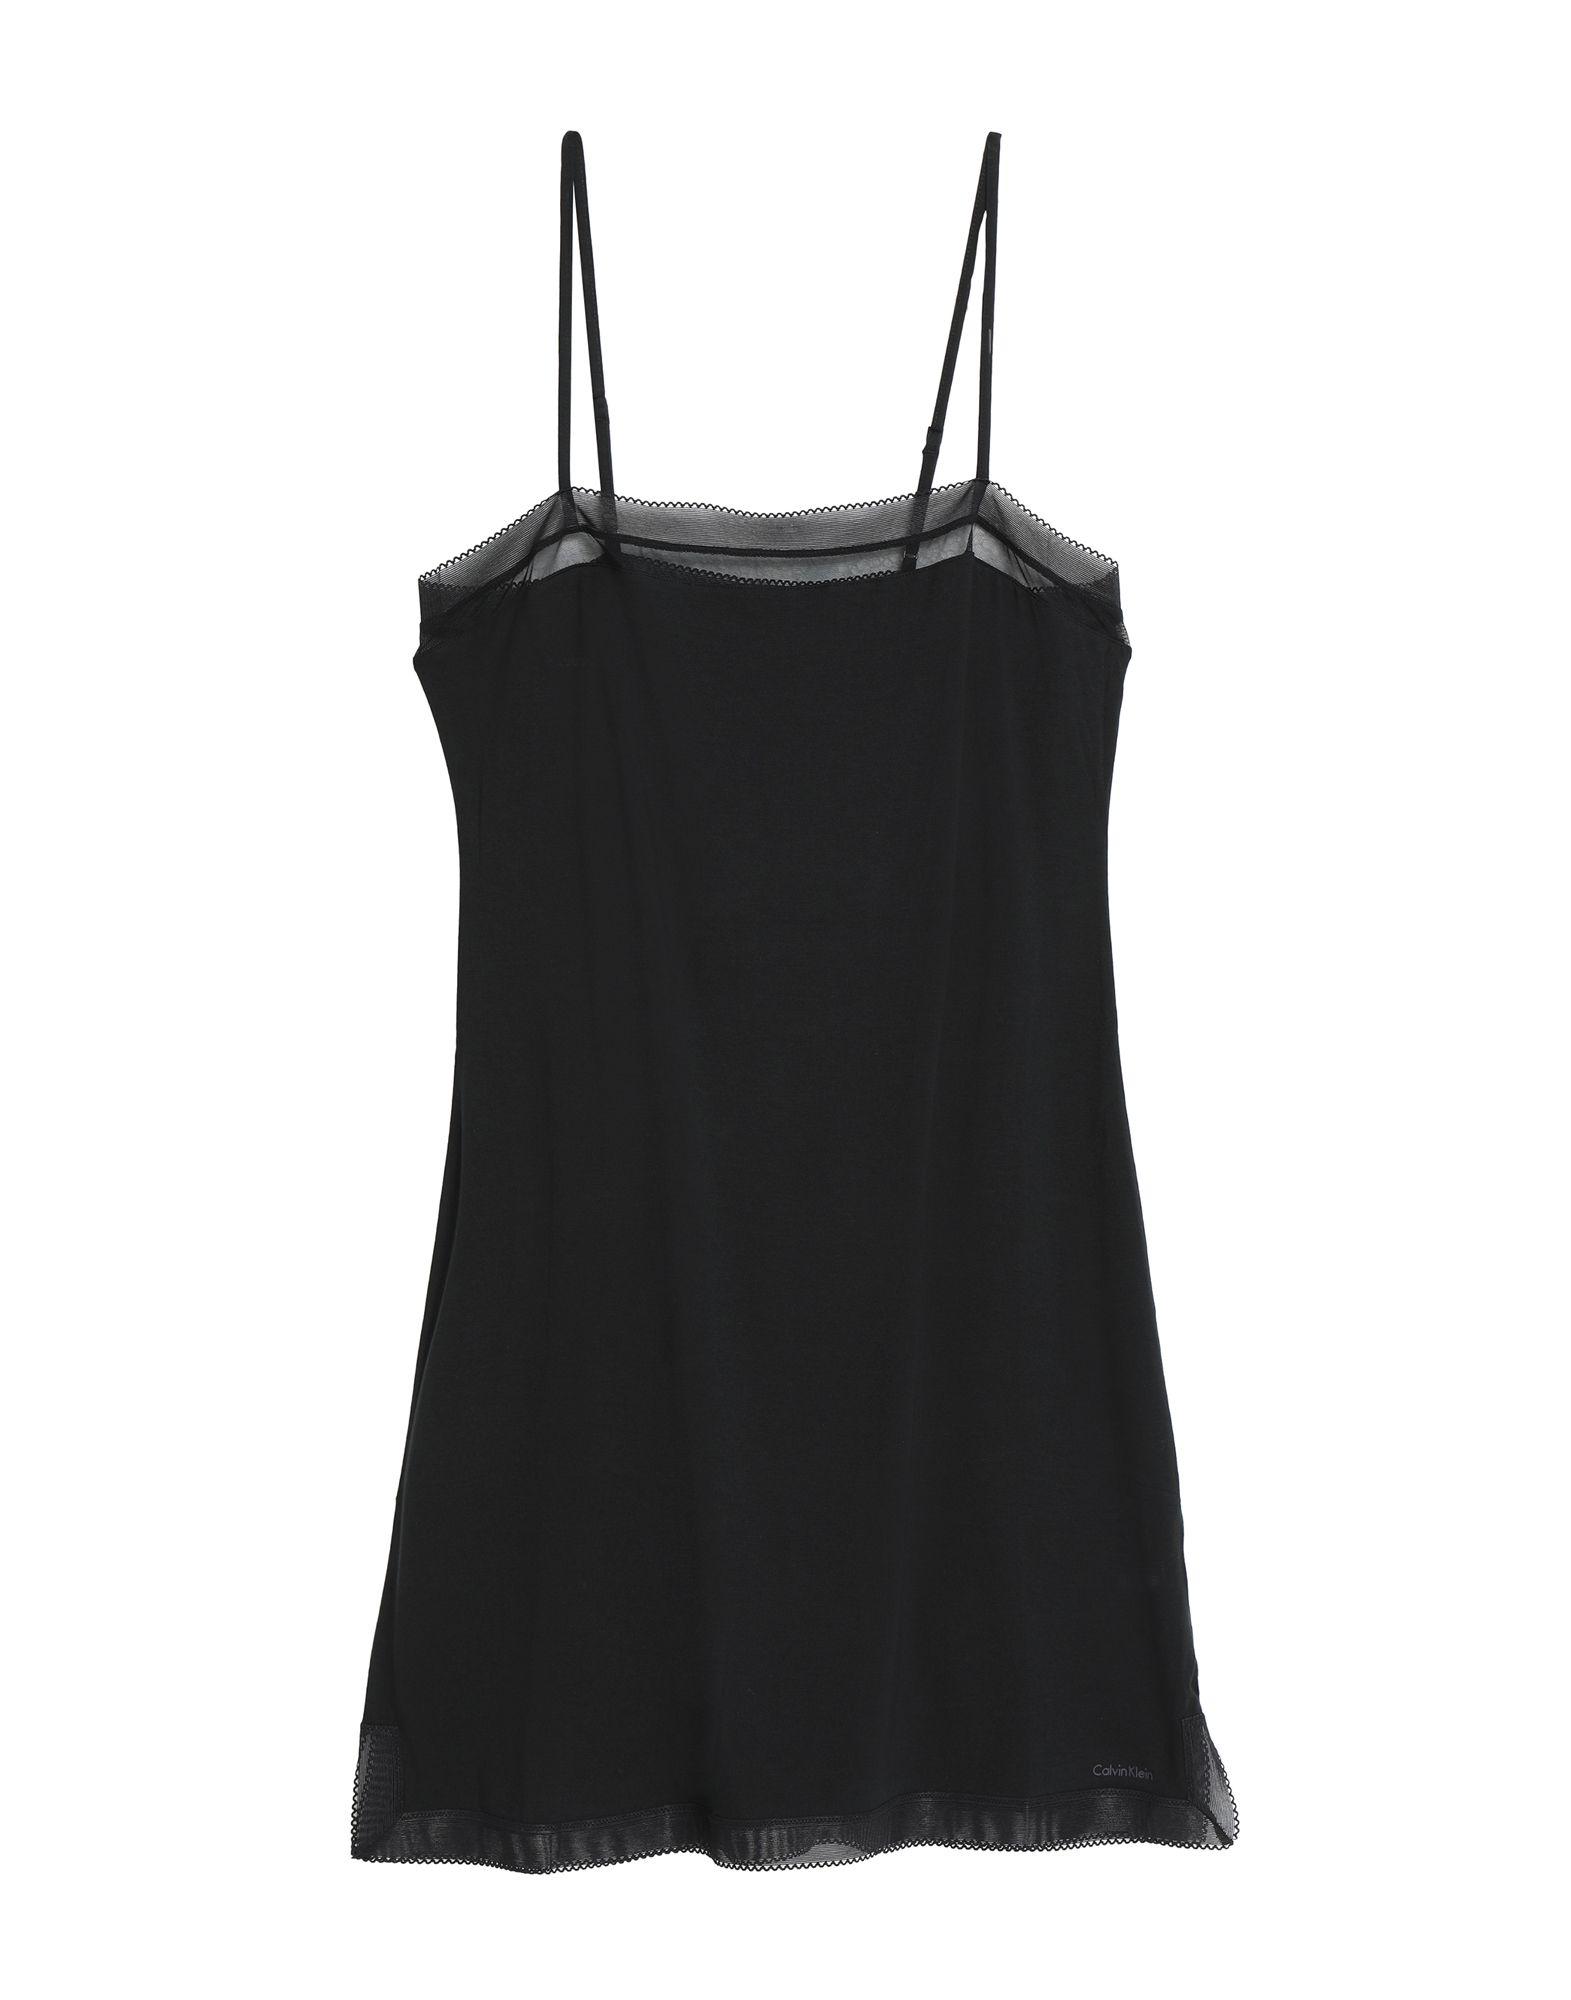 Slips in Black